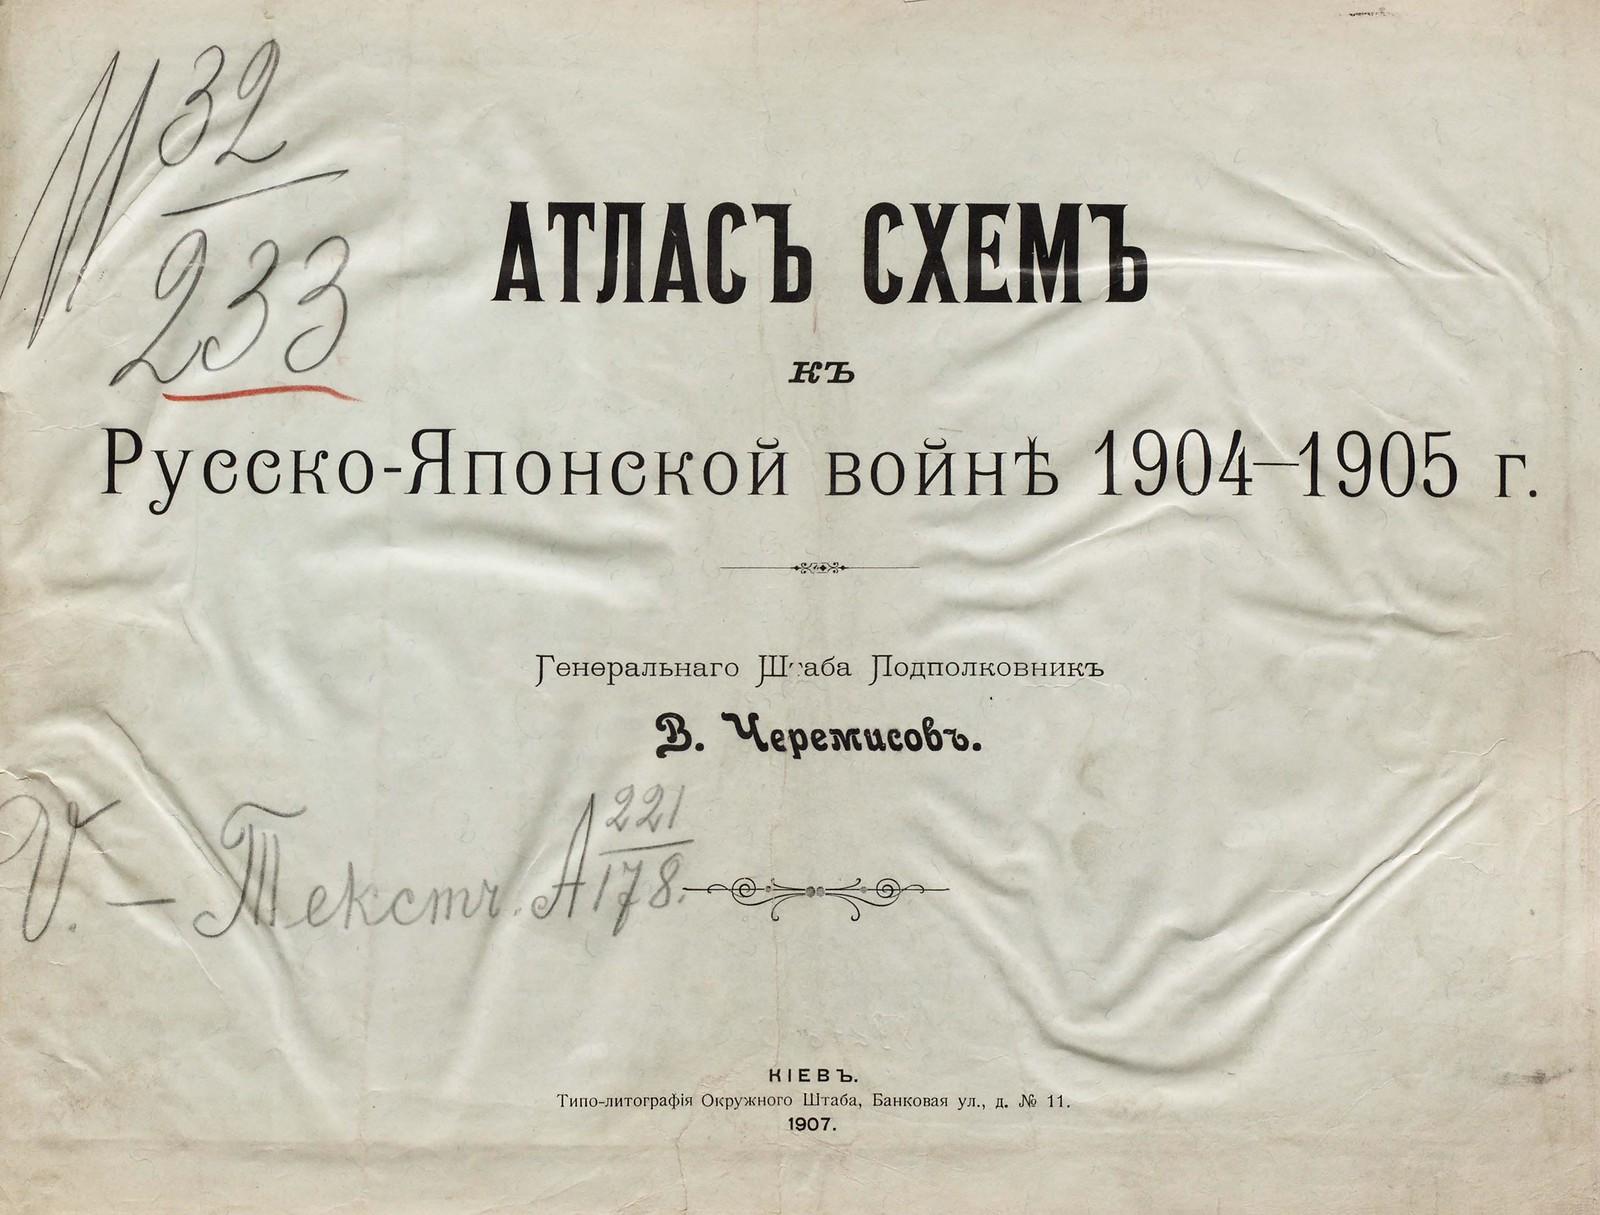 1907. Атлас схем к русско-японской войне